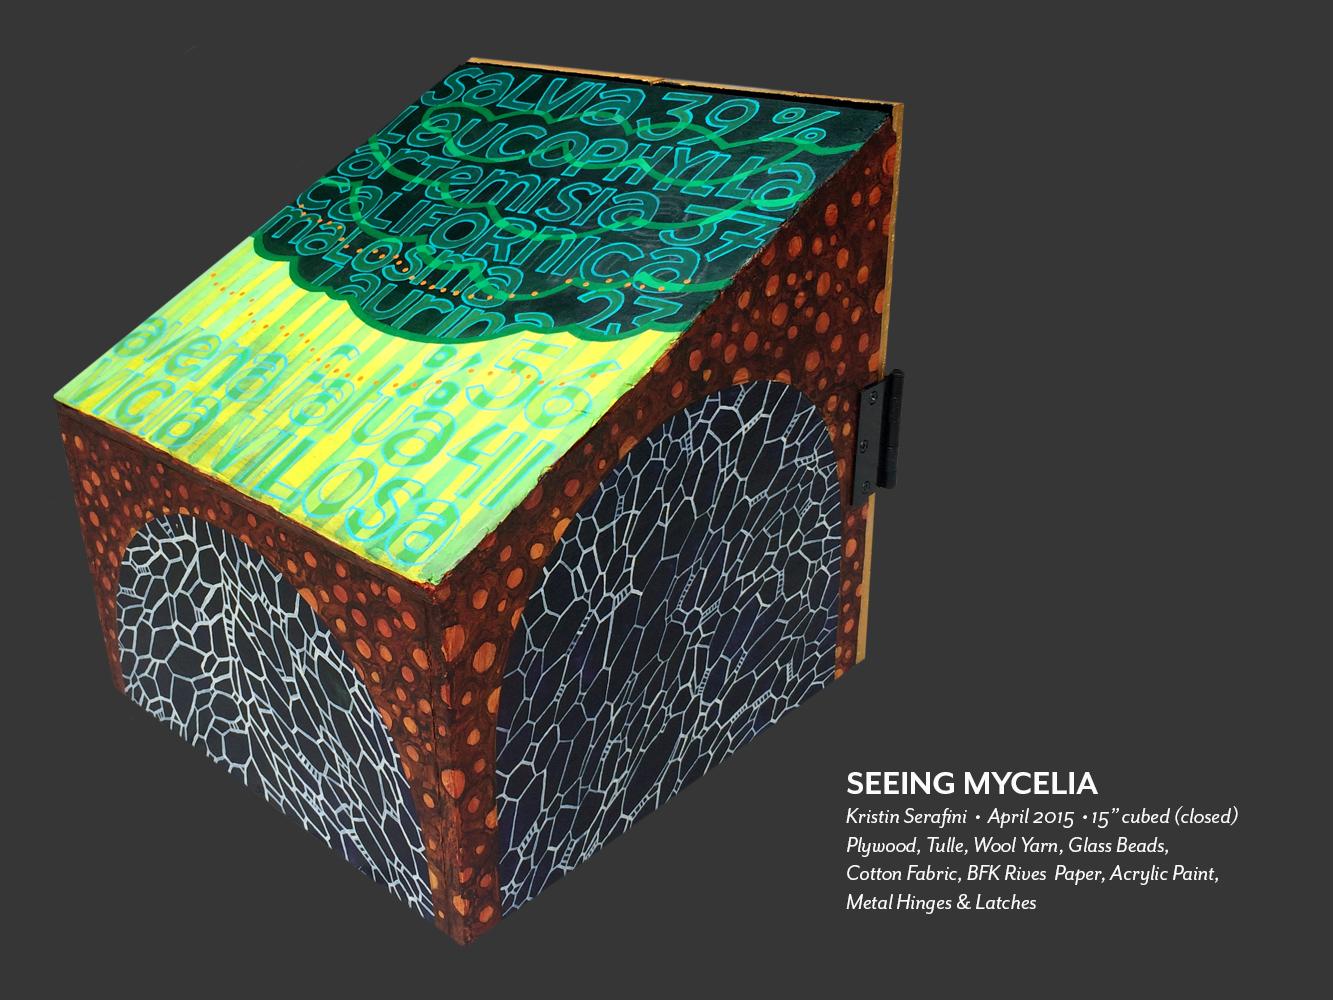 seeing-mycelia-02